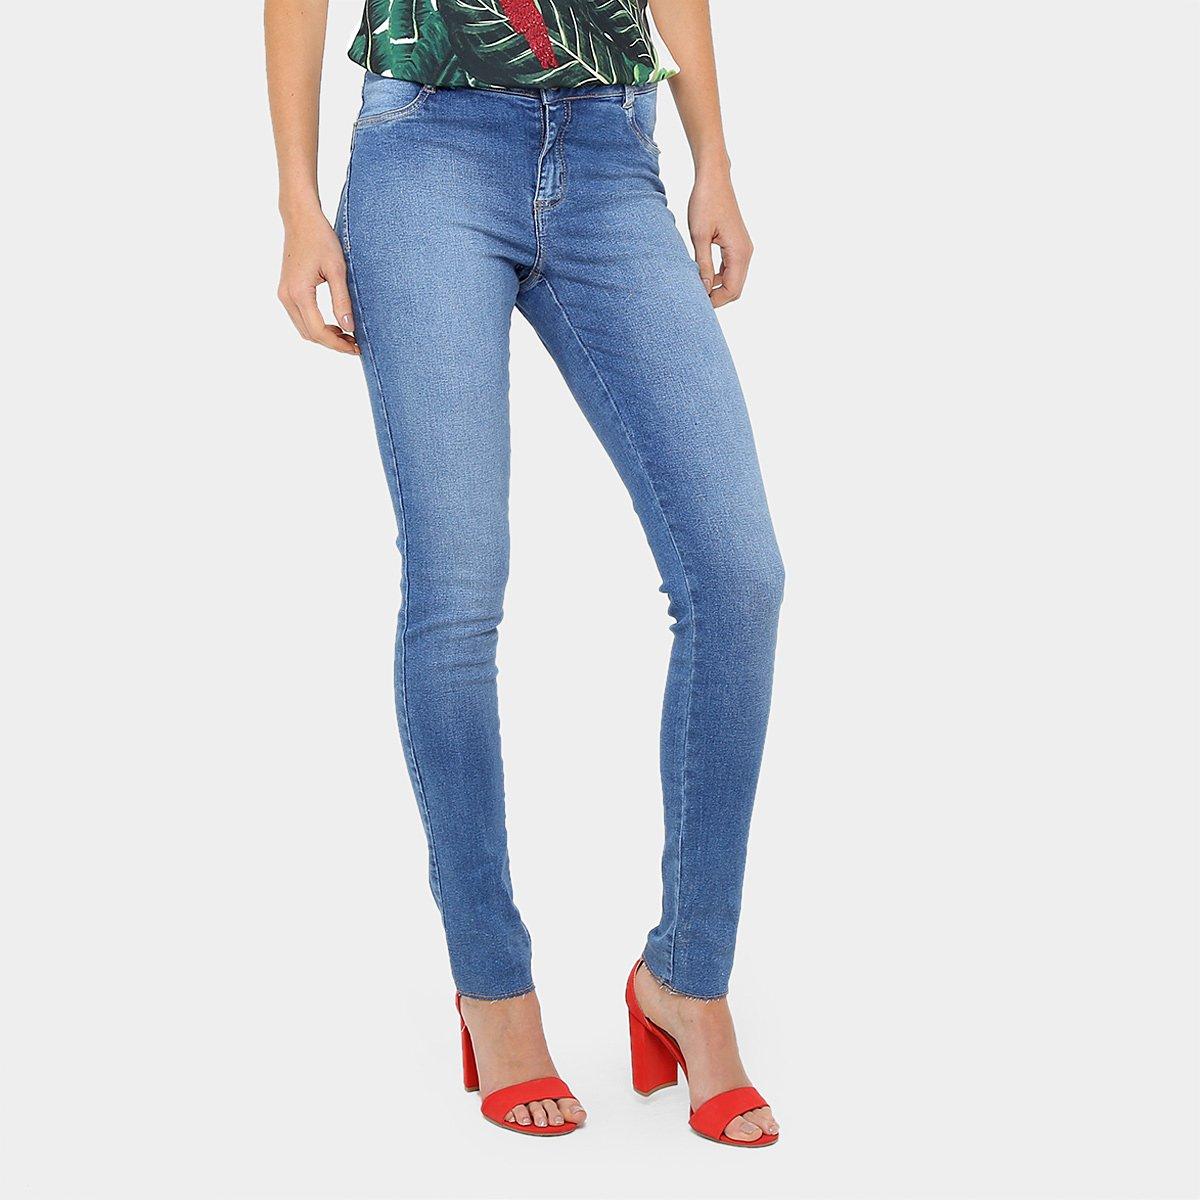 eeef8ab4e A Calça Jeans Skinny Morena Rosa Andreia Cintura Alta Feminina é um modelo  que expressa feminilidade em seu design e se destaca nos looks de verão.